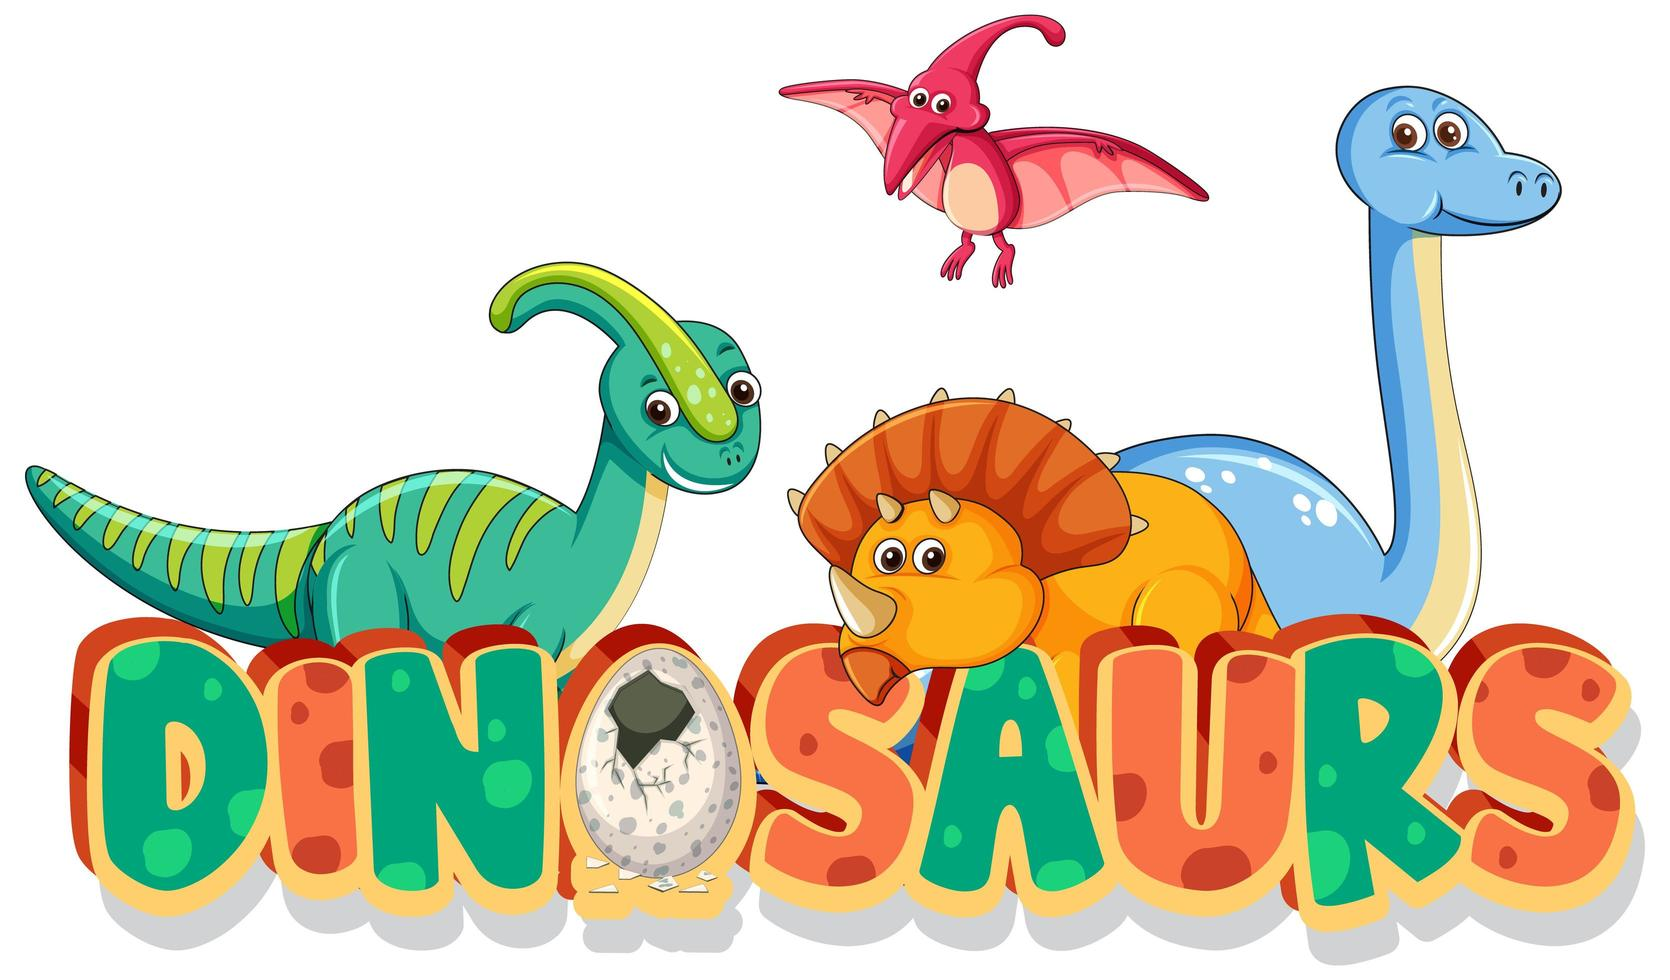 lettertype ontwerp voor woord dinosaurussen met vele soorten dinosaurussen op witte achtergrond vector